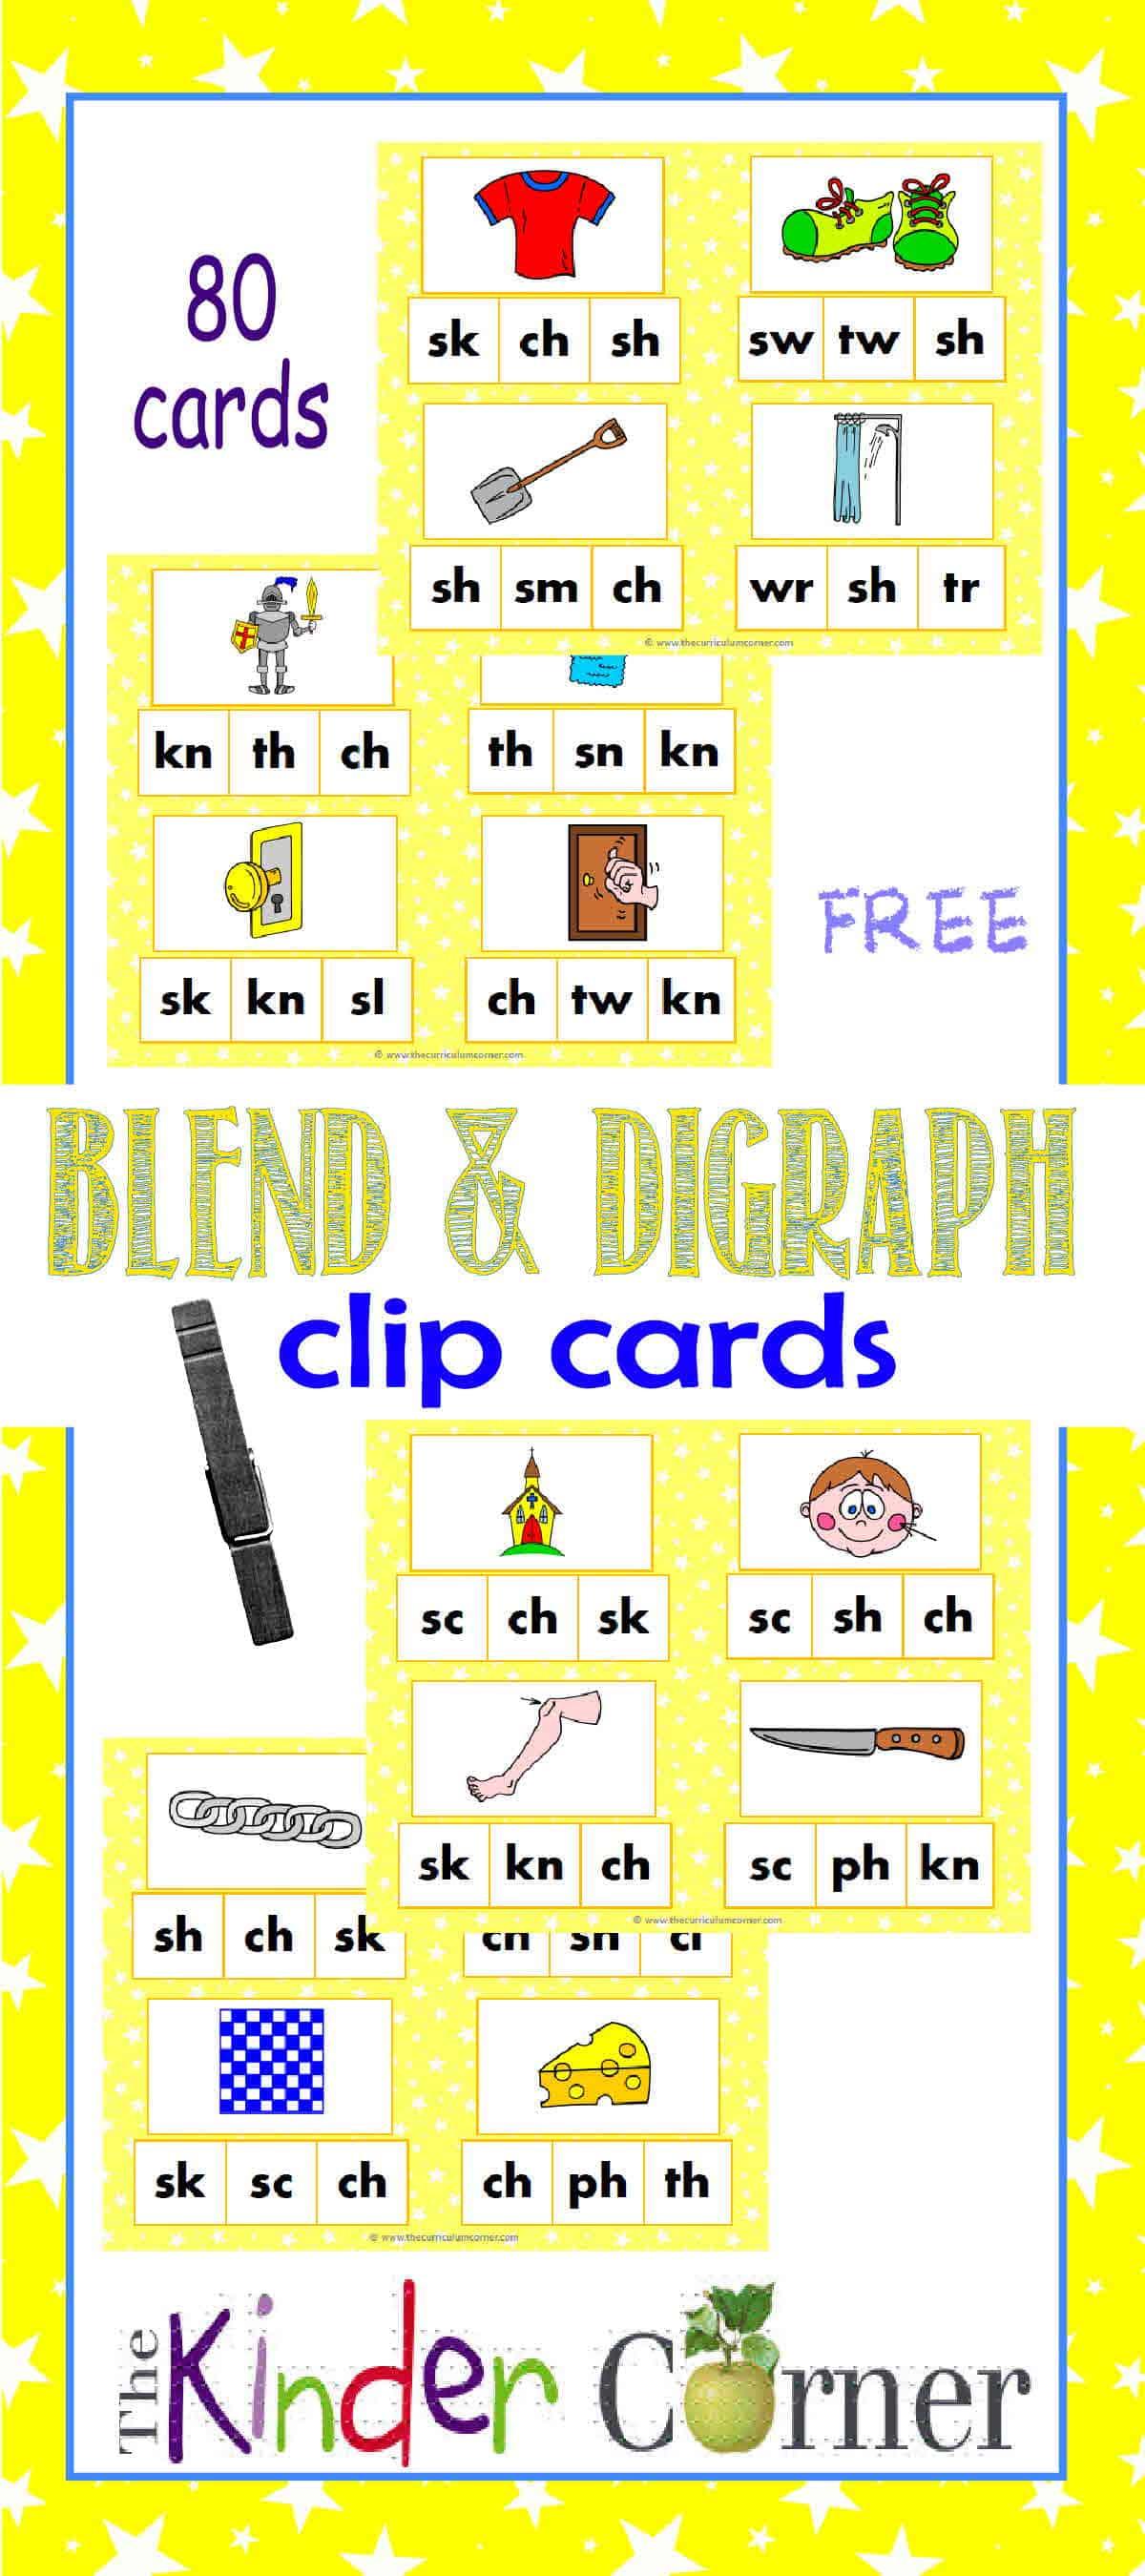 Blends & Digraphs Clip Cards